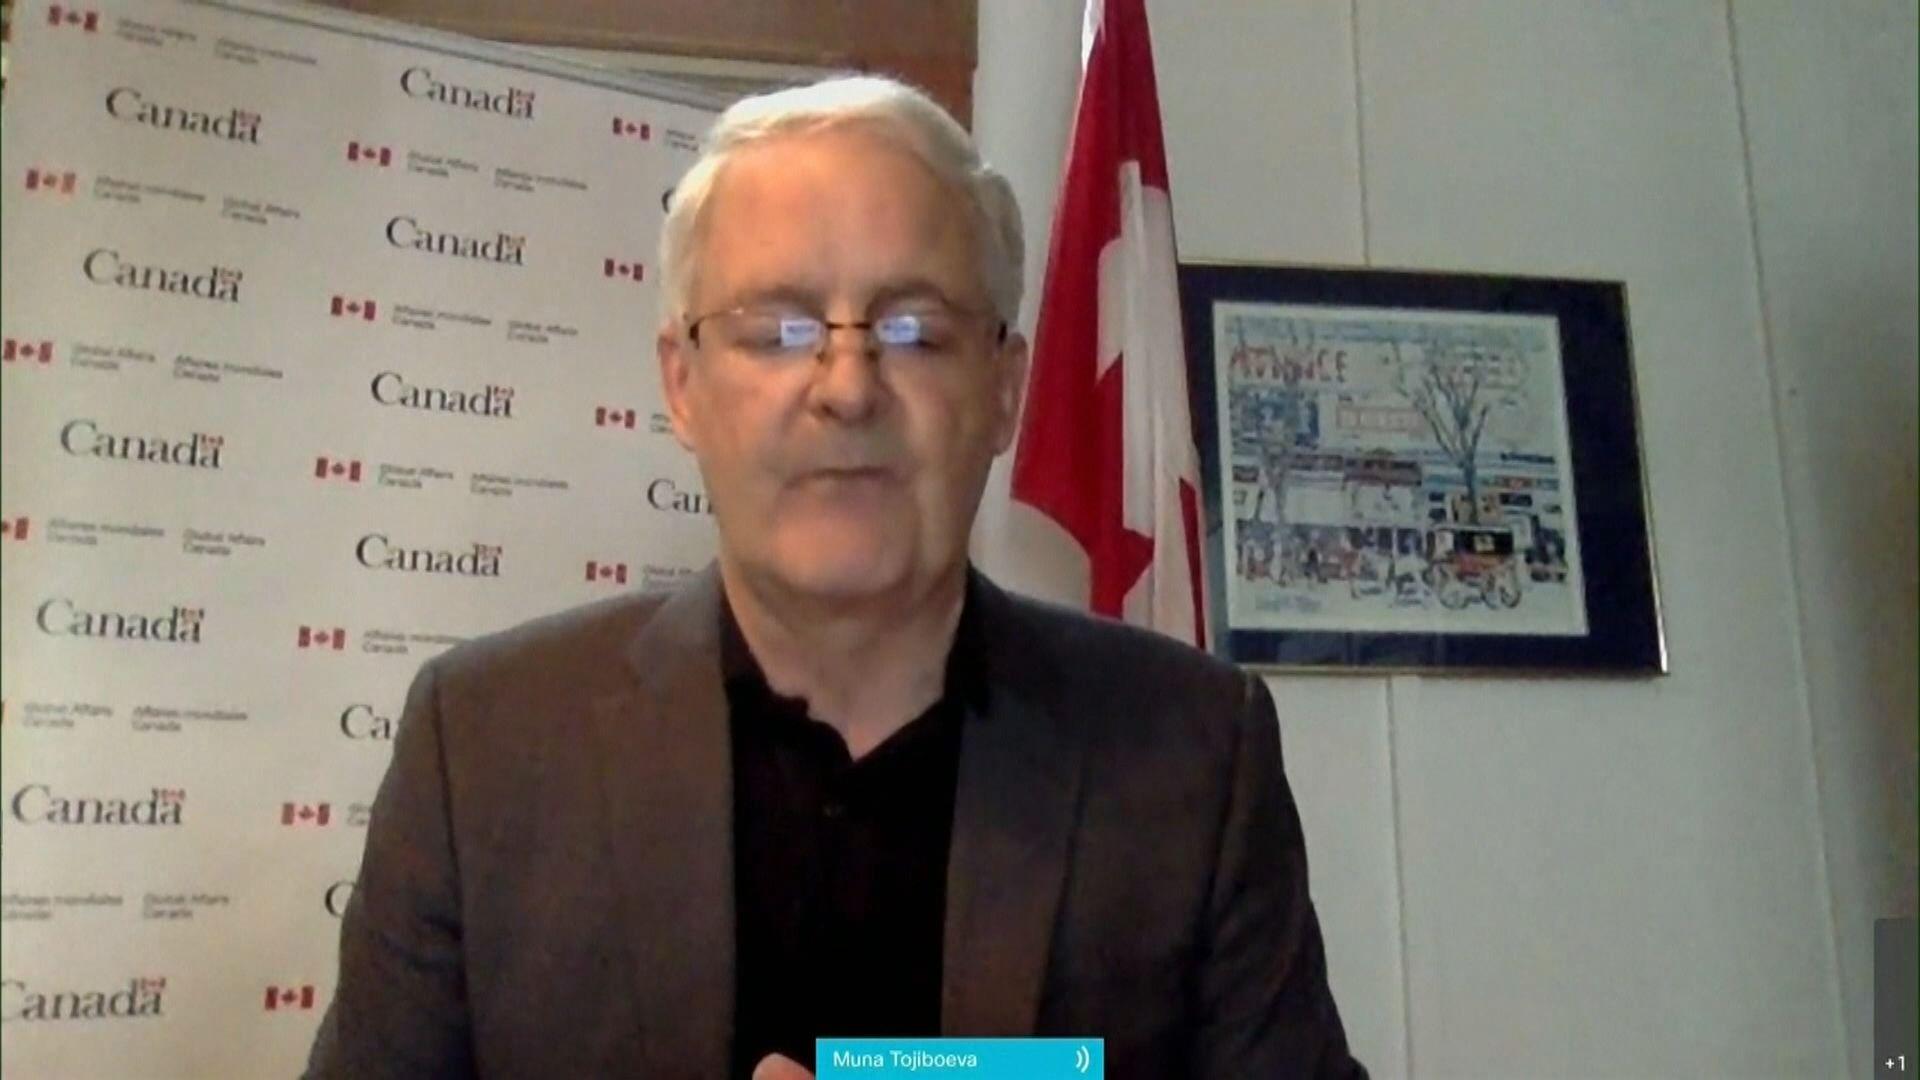 加拿大外長批斯帕弗案審訊不公平 促中方釋放斯帕弗